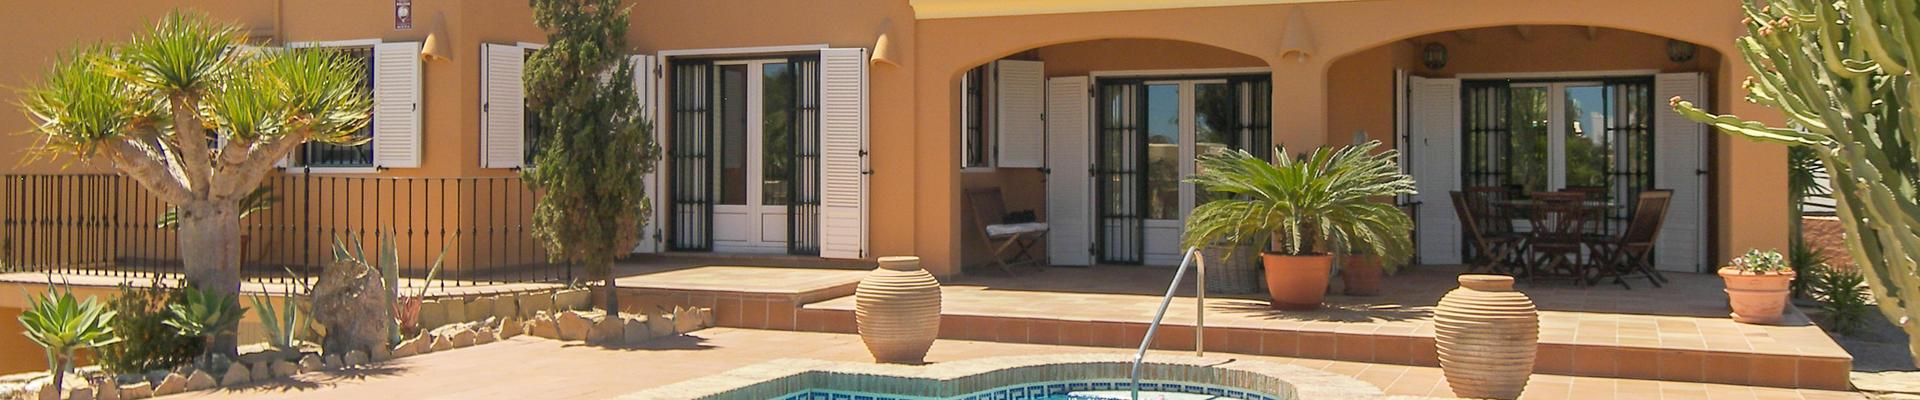 DV1313: 5 Bedroom Villa for Sale